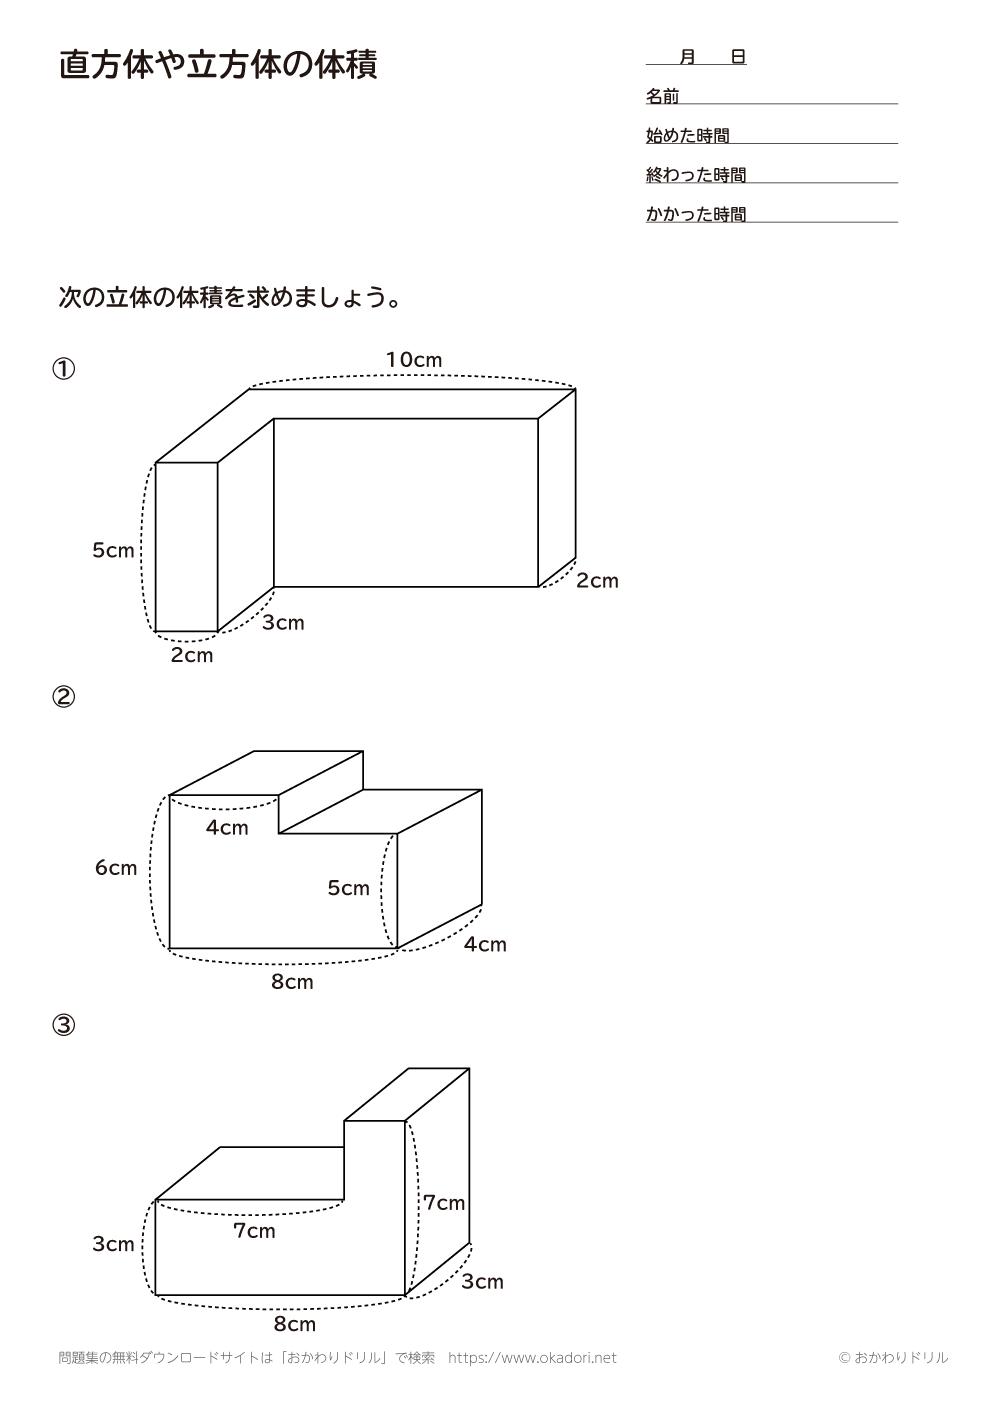 直方体や立方体の体積6